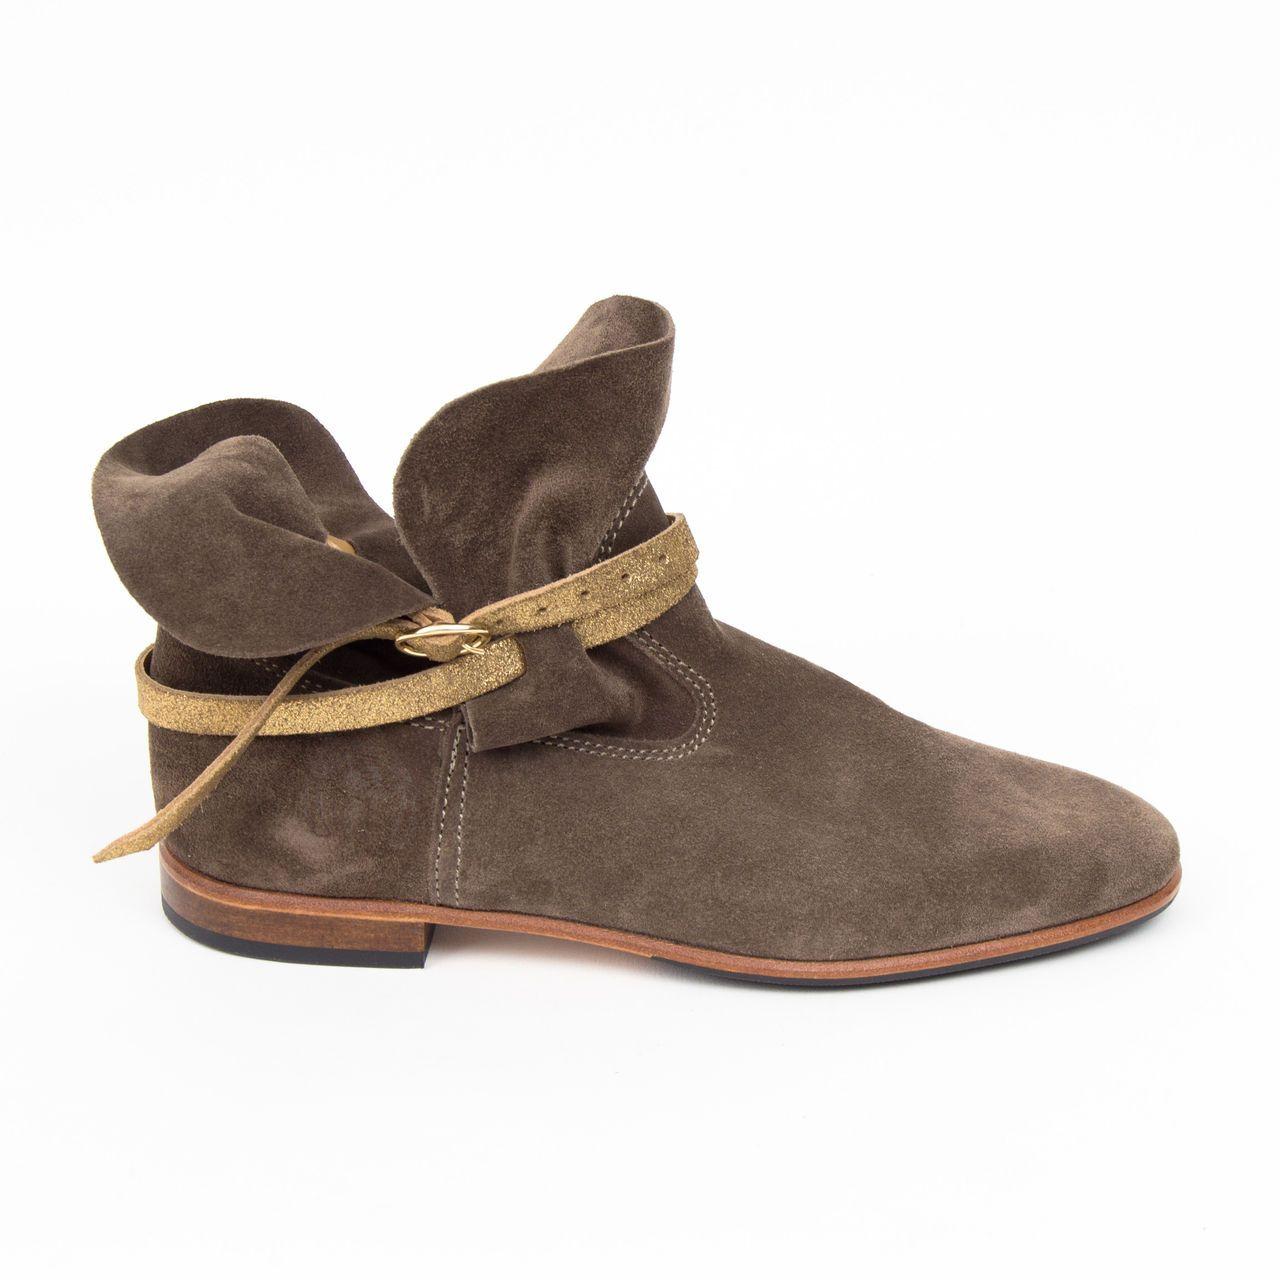 Chaussures Femme › Botte La Gardiane ZiPkXu